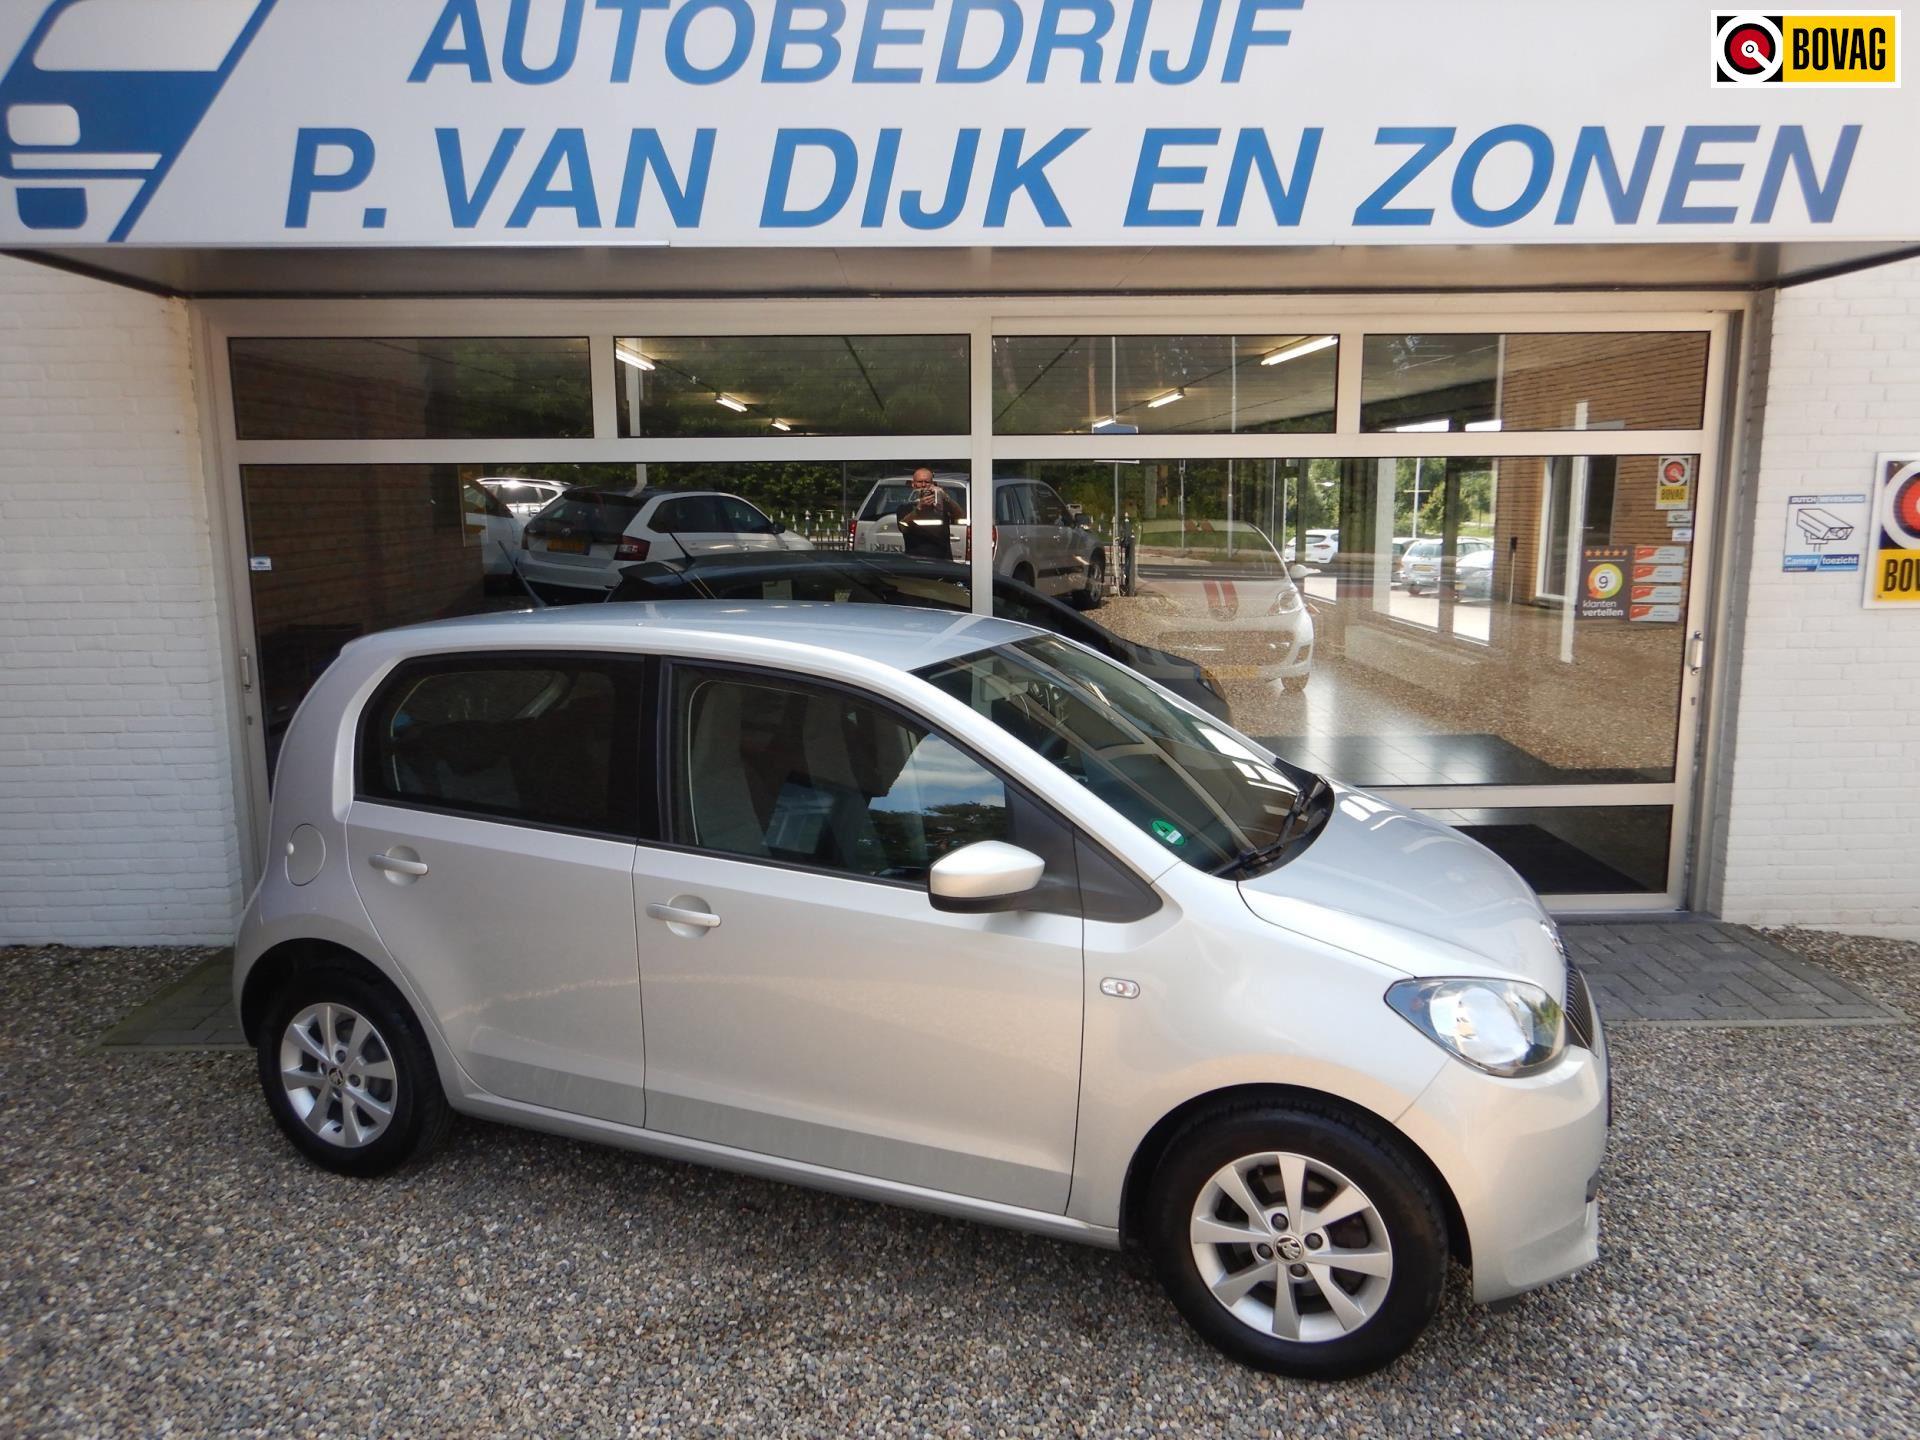 Skoda Citigo occasion - Autobedrijf P. van Dijk en Zonen